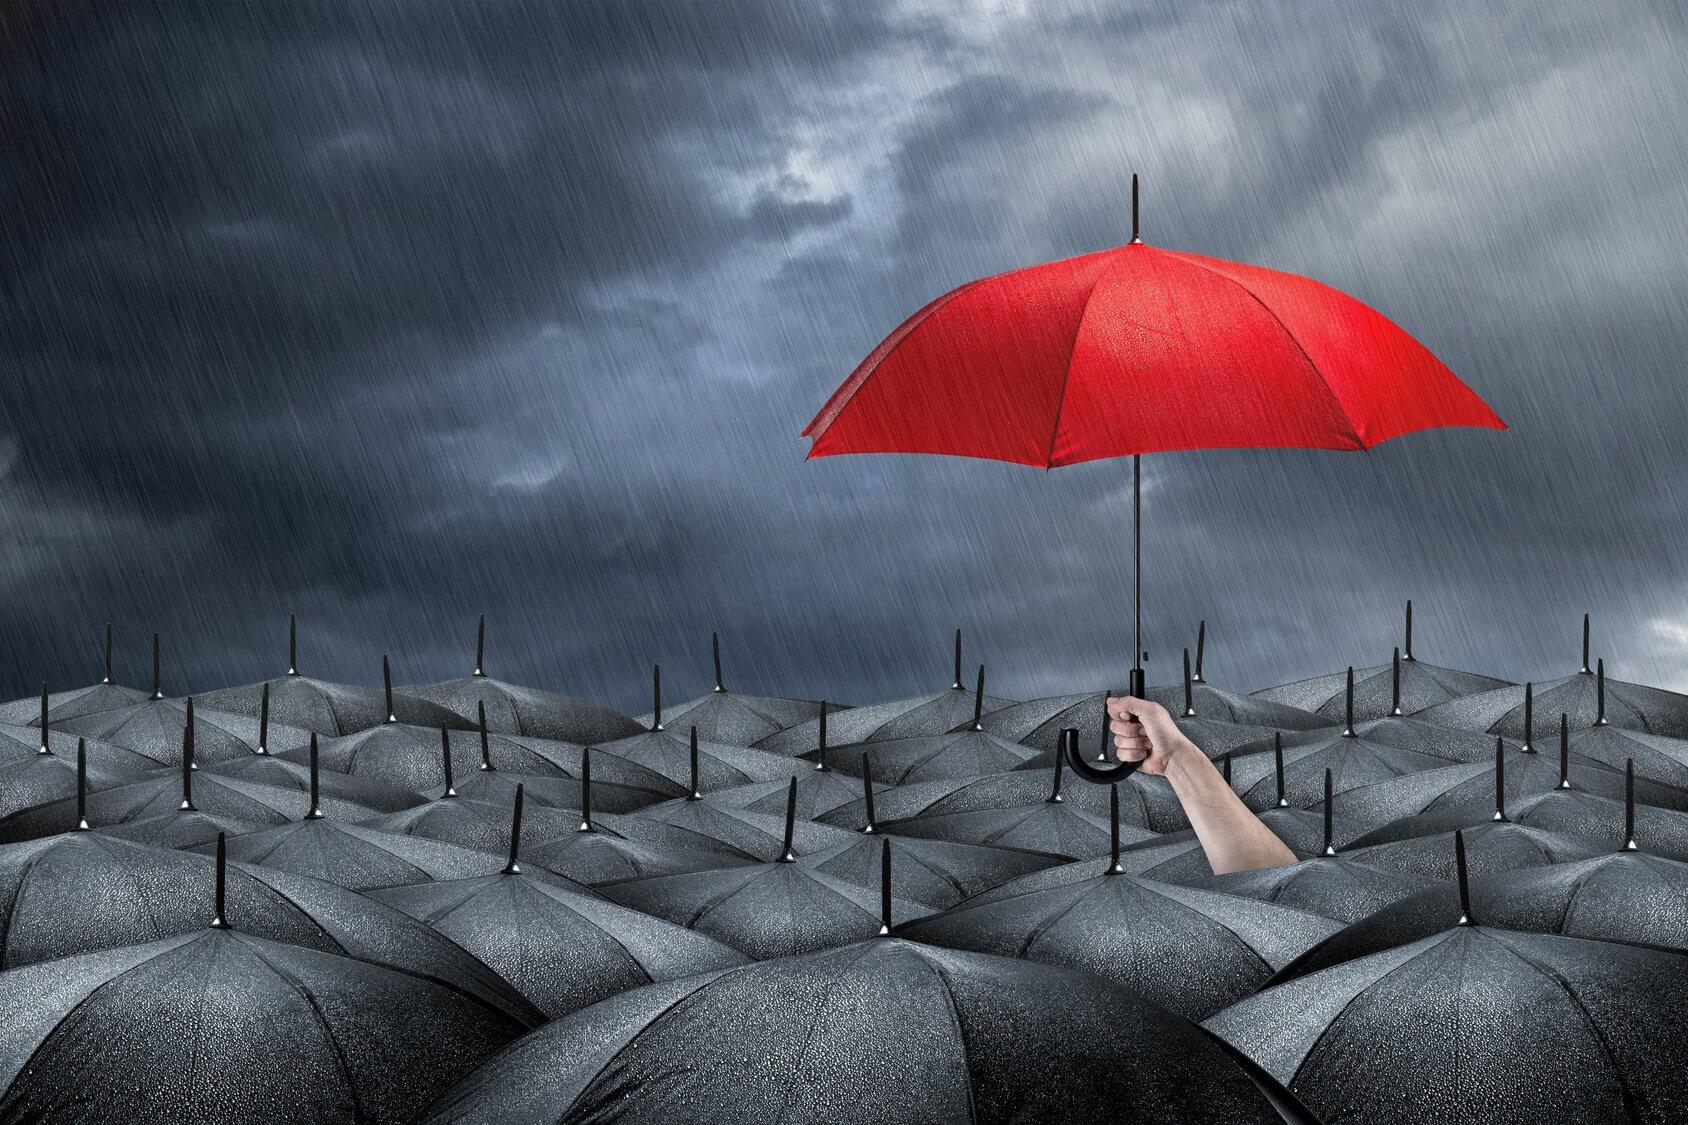 شش نشانه که می گویند برند شما فاجعه آمیز است و چگونگی مبارزه با این وضعیت